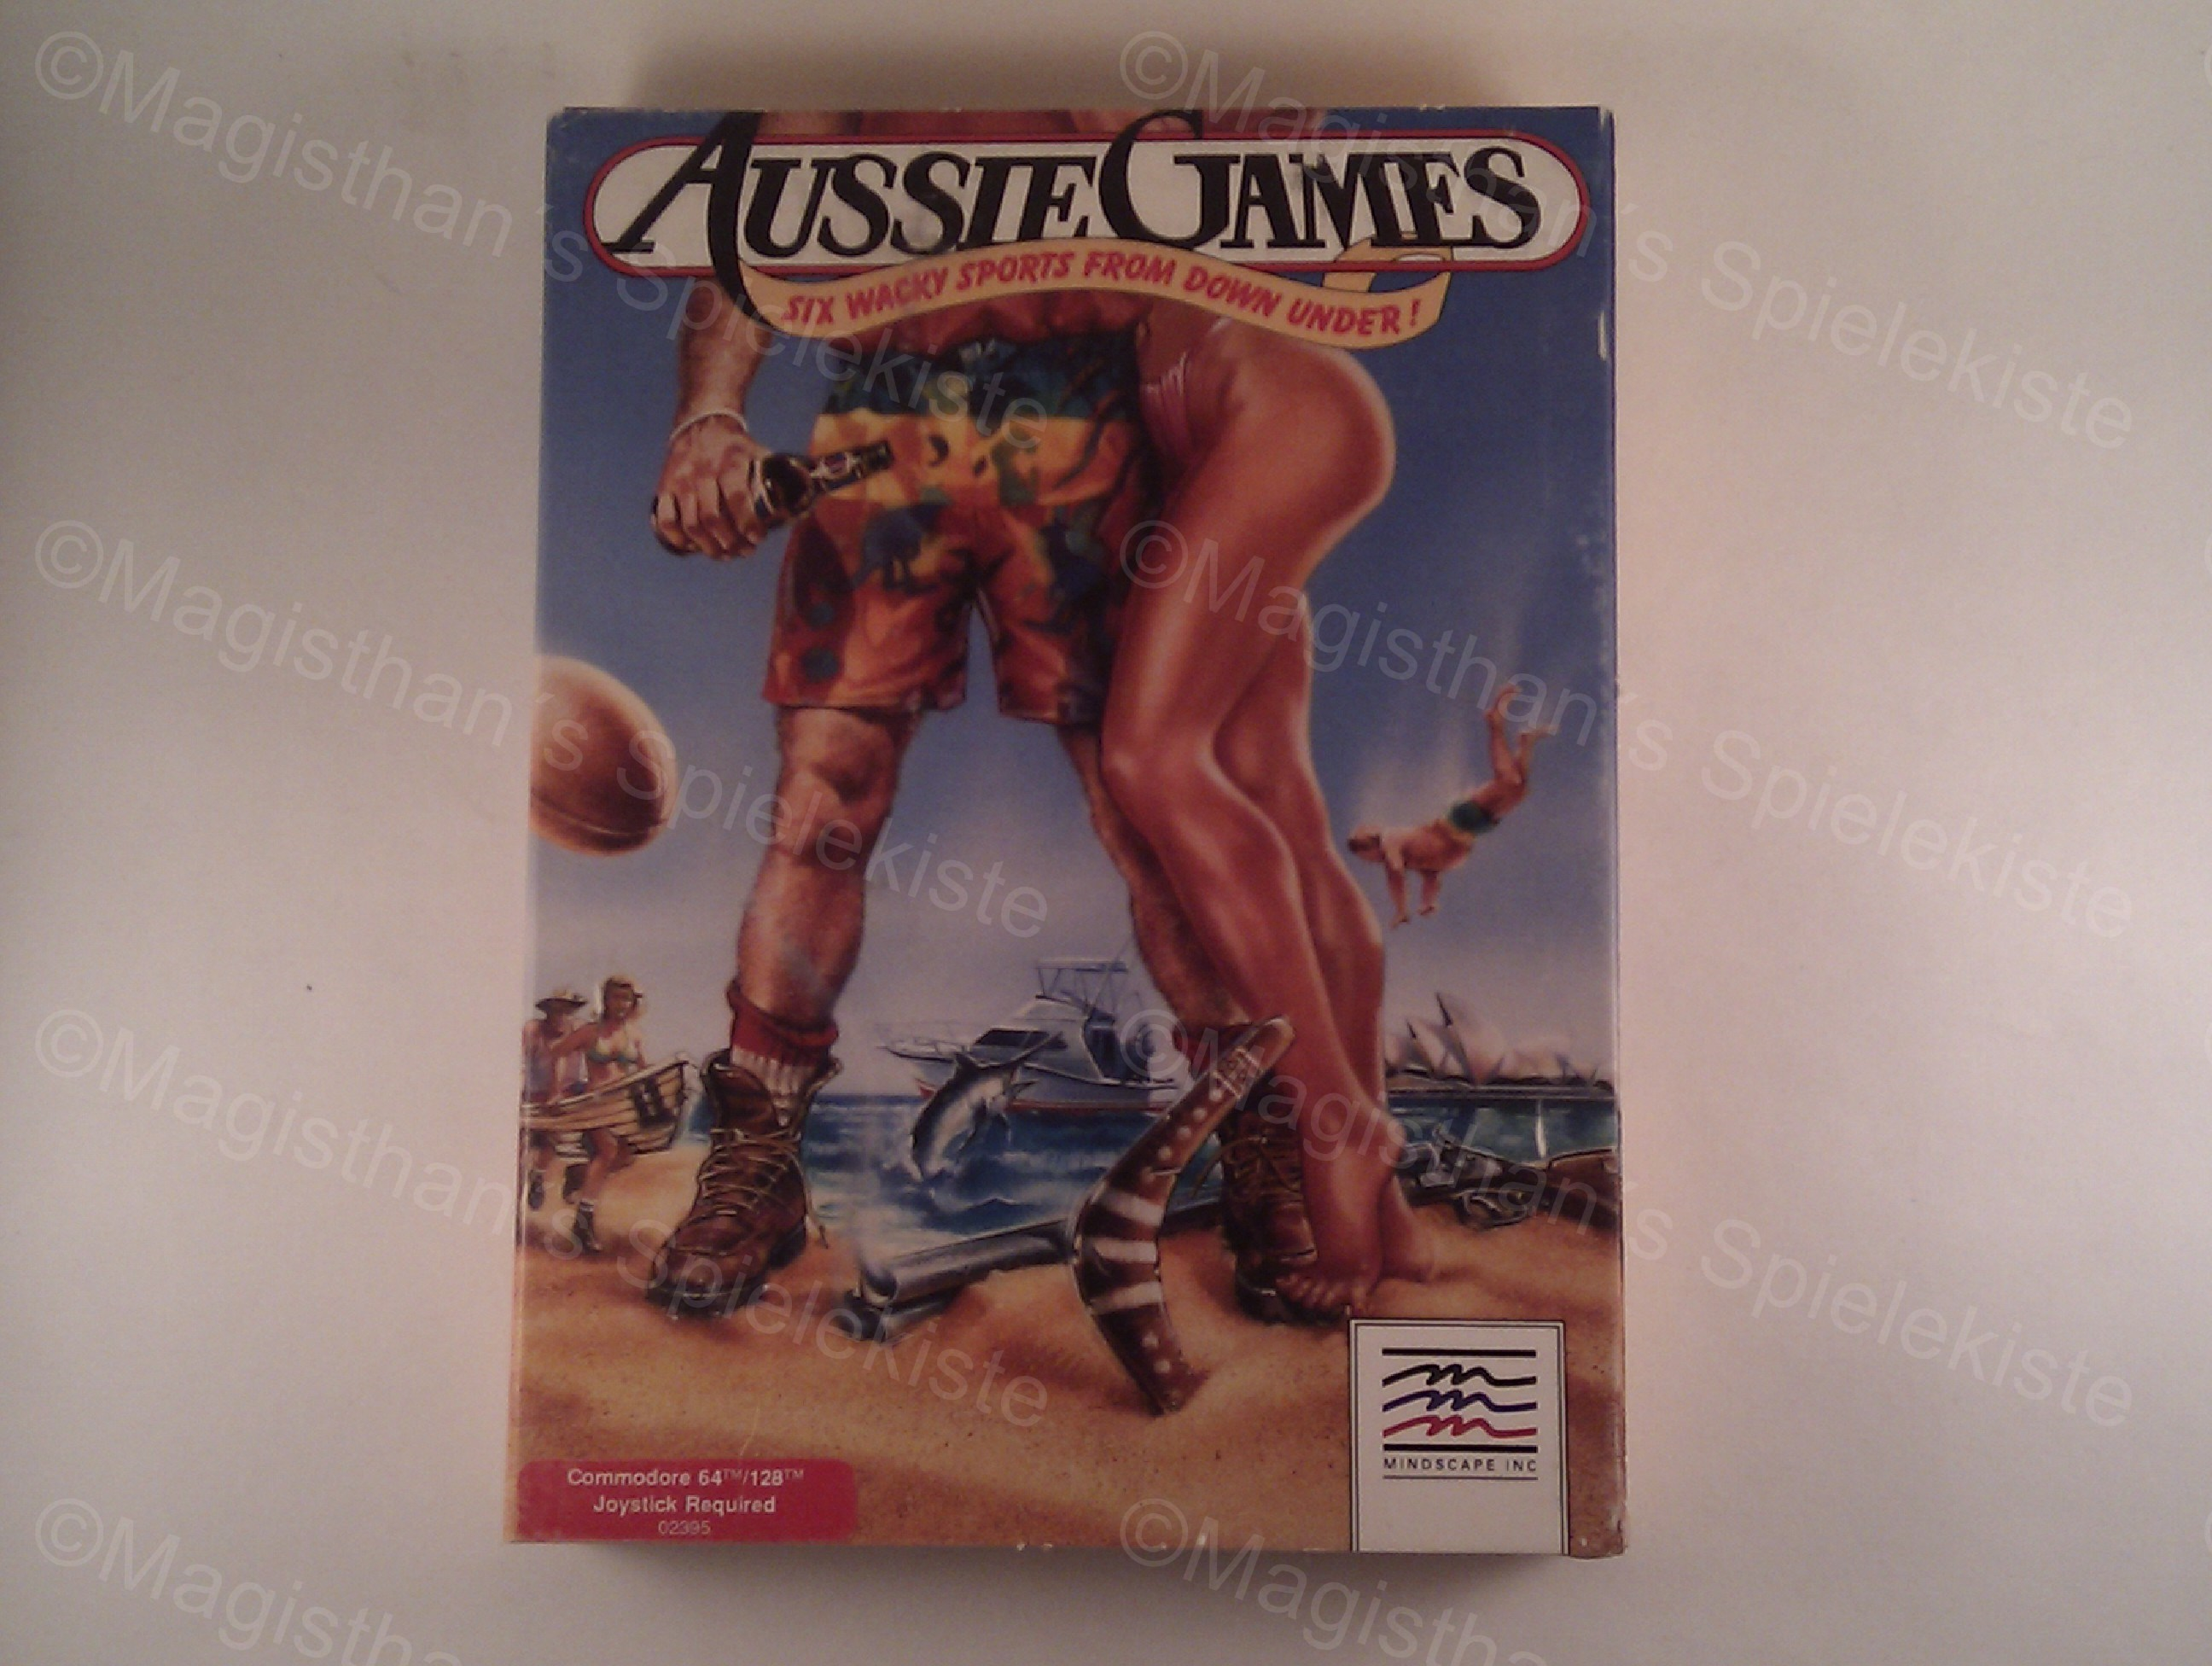 AussieGames1.jpg